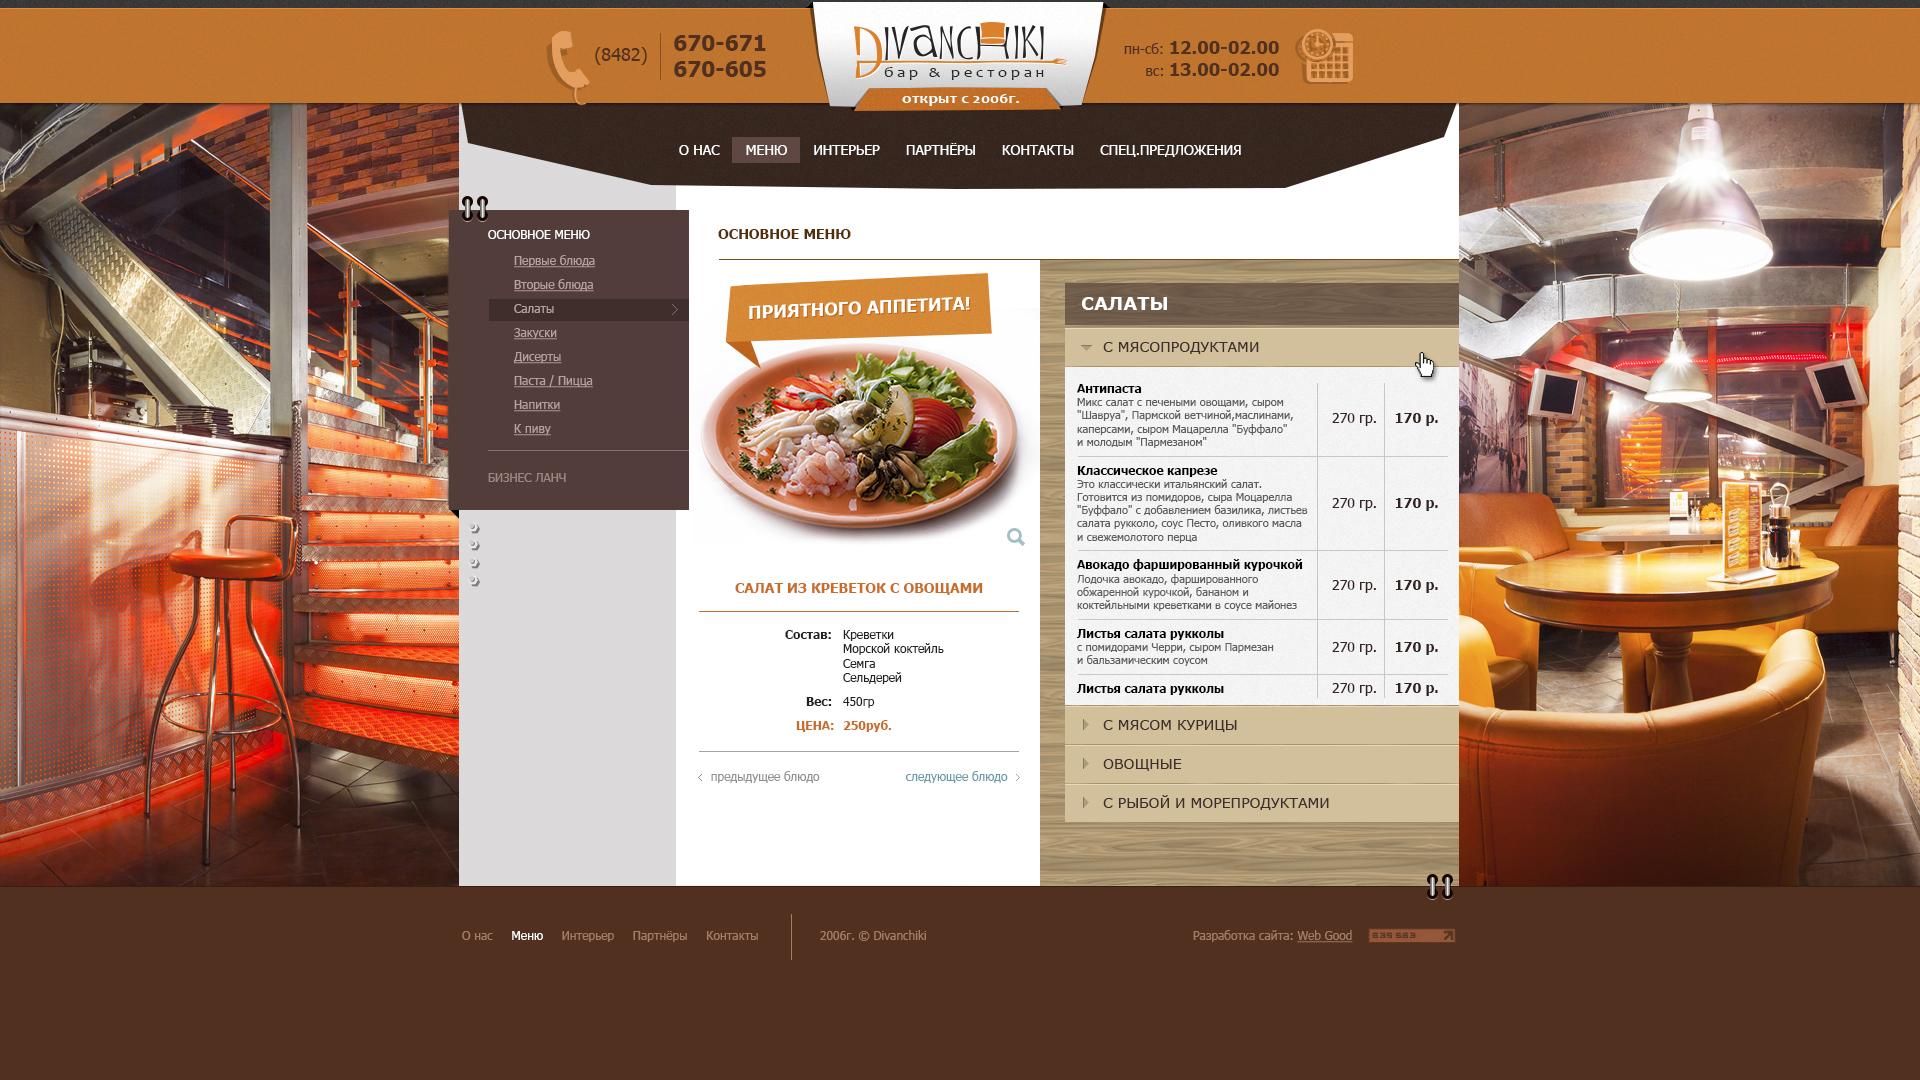 Страница описания меню